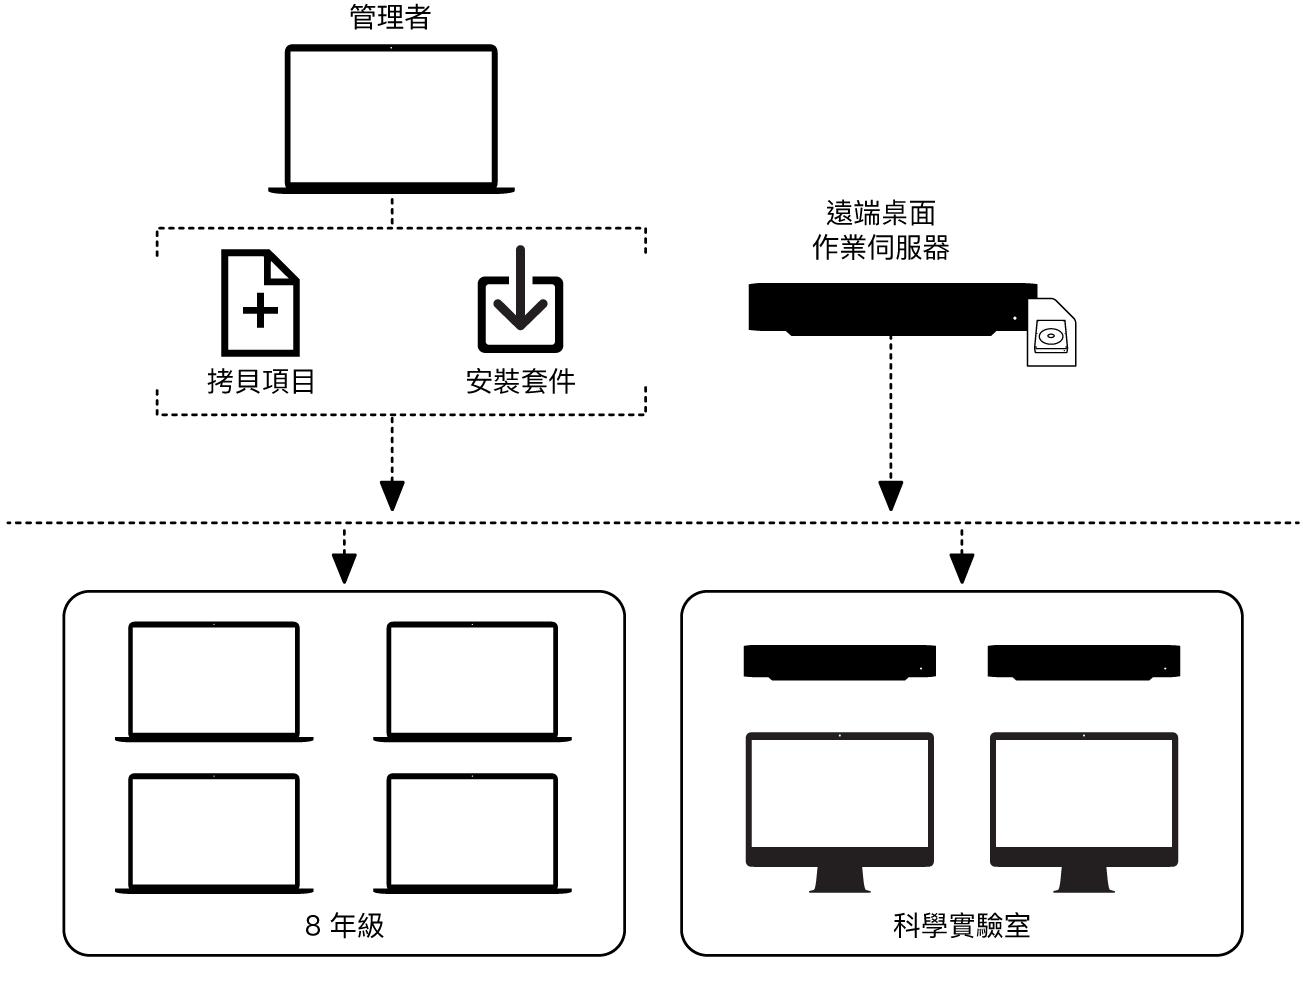 您可以使用「遠端桌面」將檔案拷貝或將套件安裝到遠端電腦上。